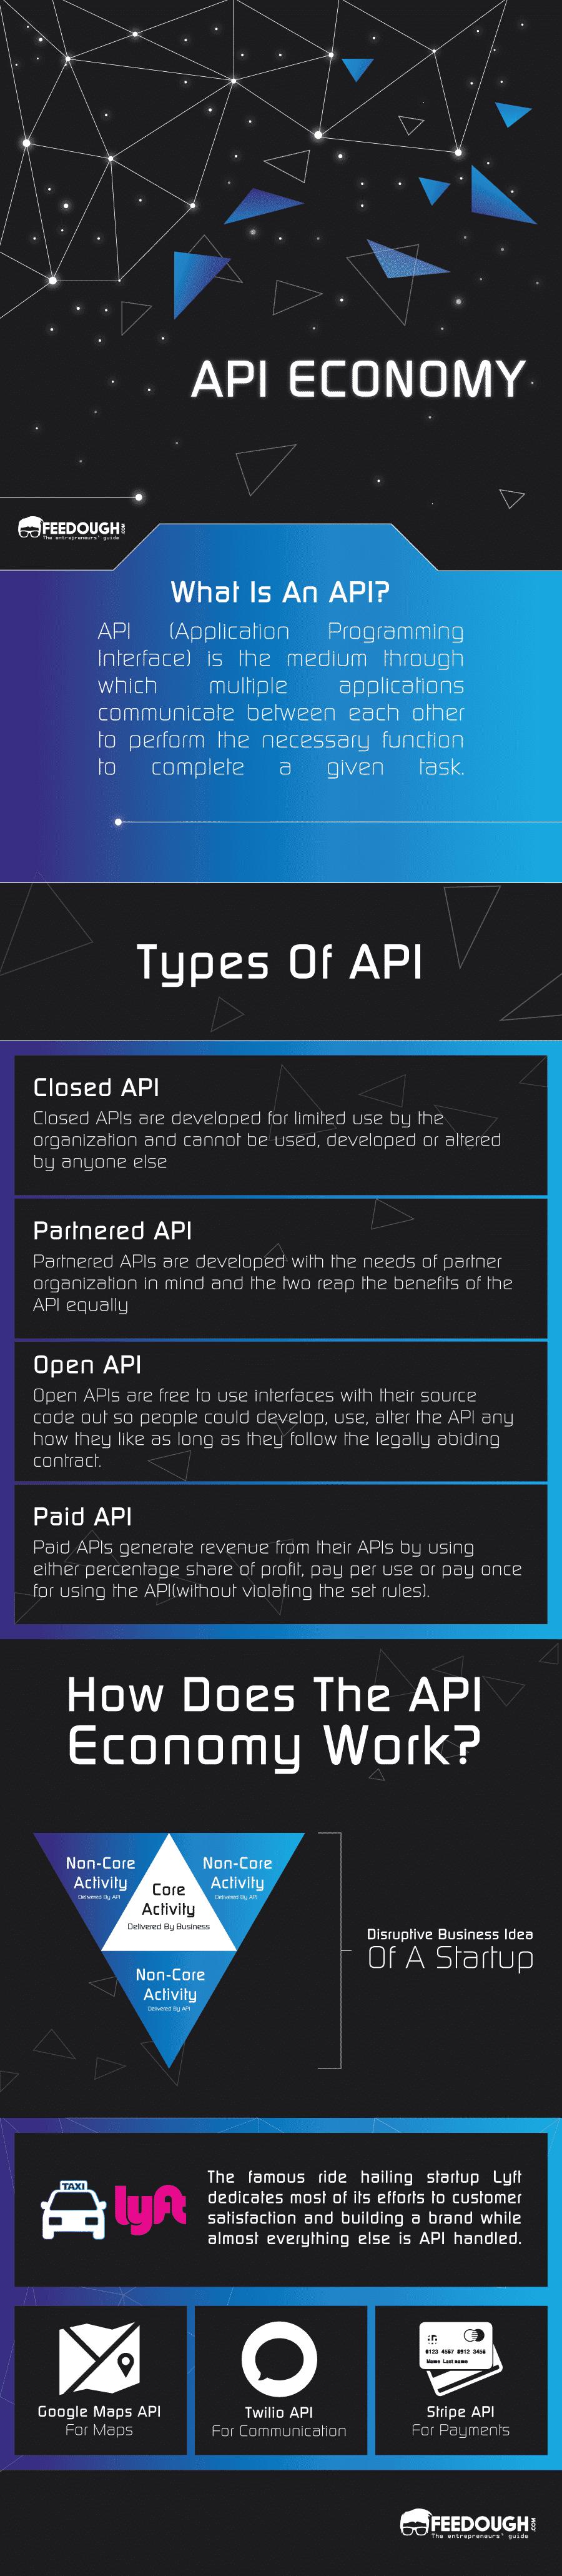 API Economy Infographic